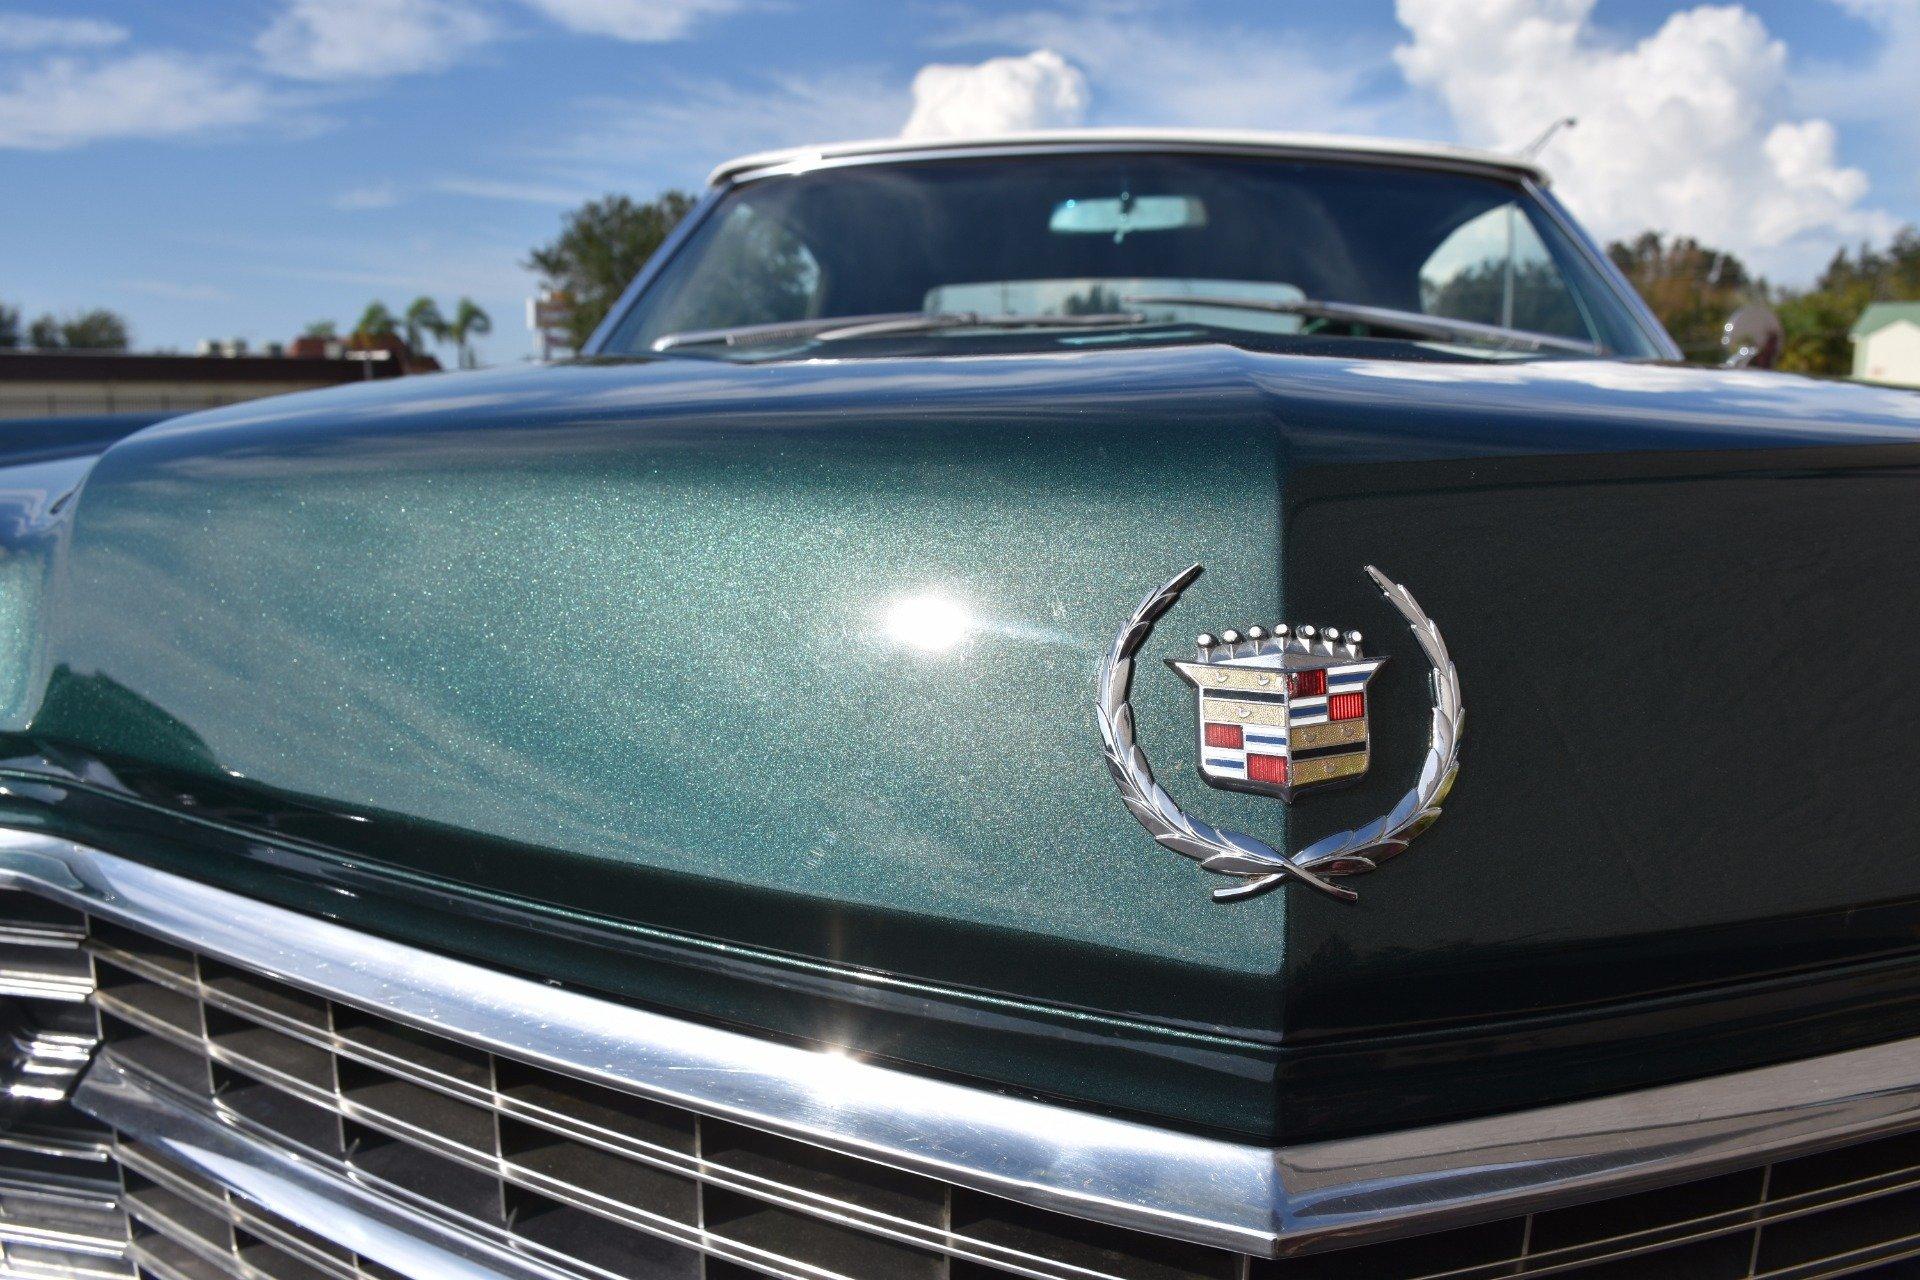 1966 Cadillac ElDorado | Berlin Motors